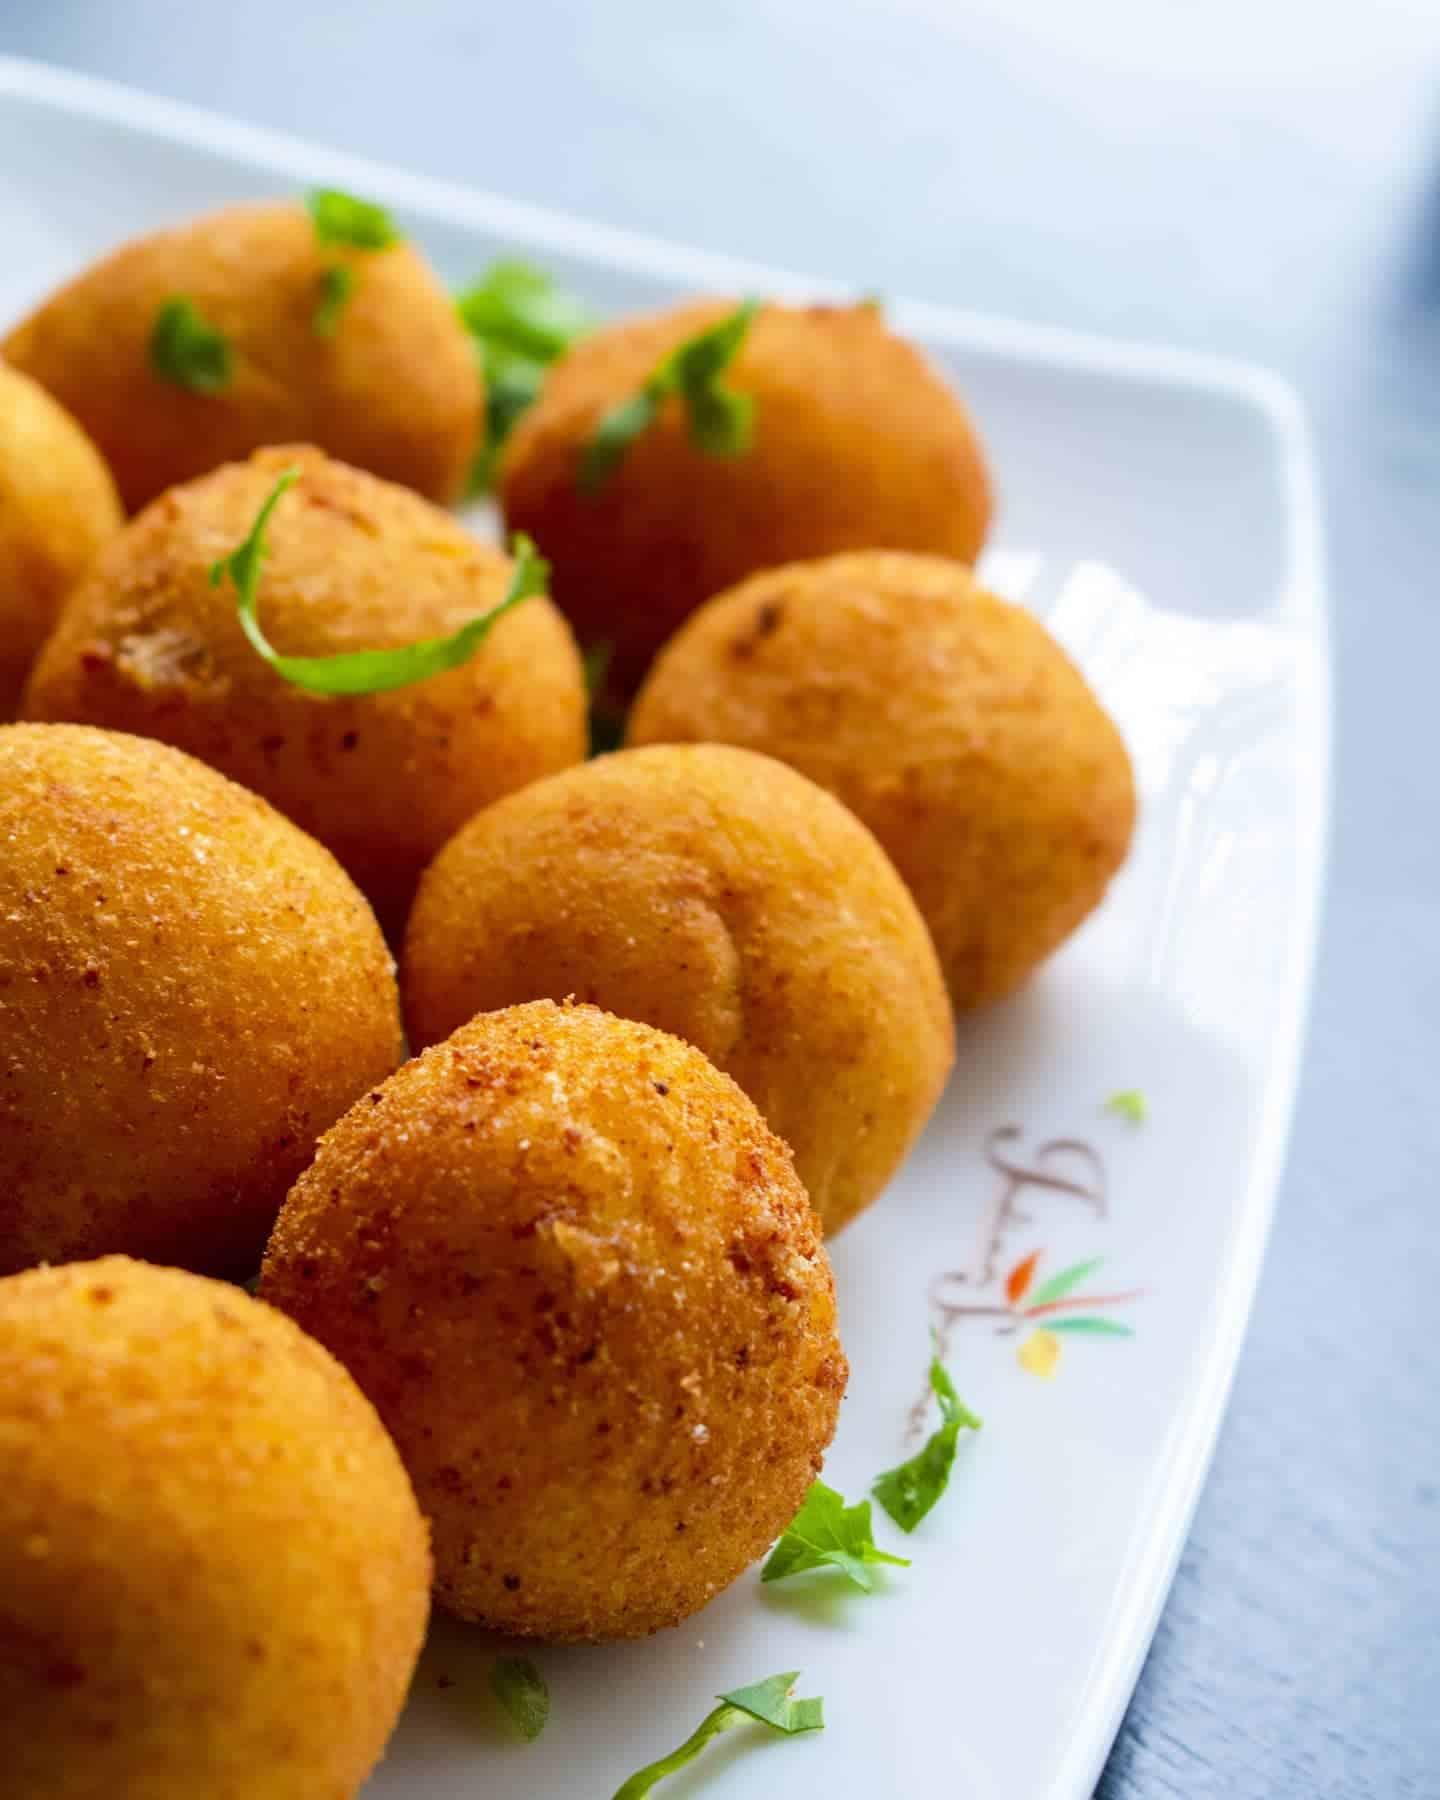 Best Things To Do In Nuwara Eliya - Indian Summer Restaurant Nuwara Eliya